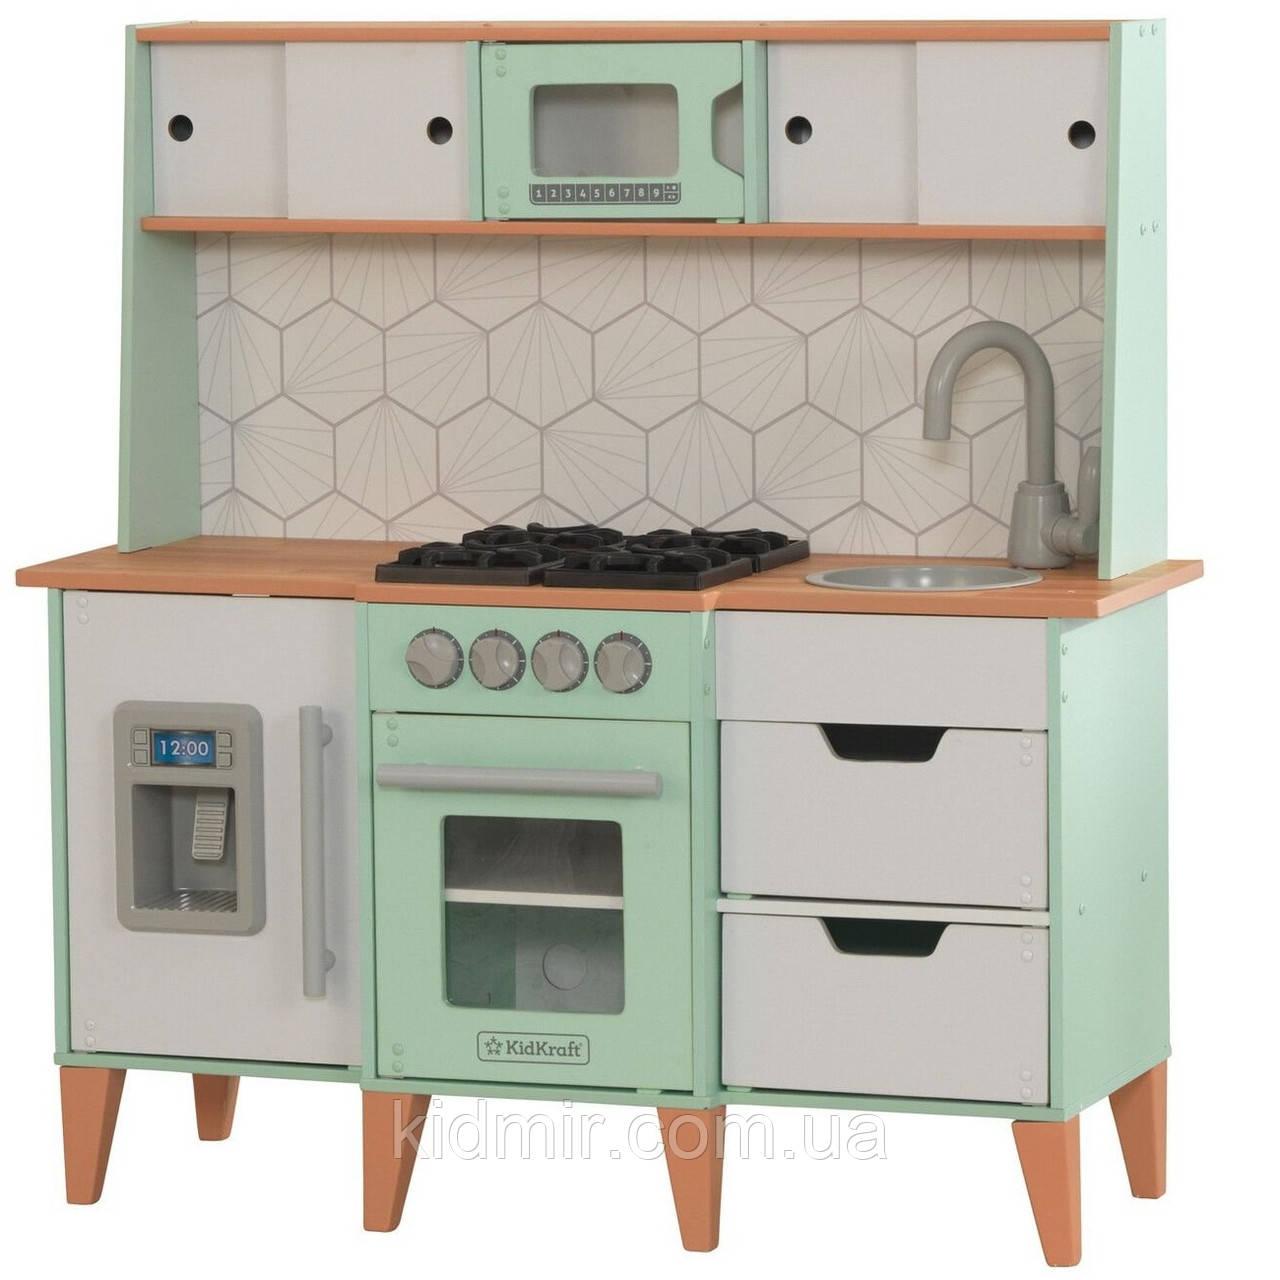 Детская кухня Модерн Mid-Century Modern KidKraft 53432